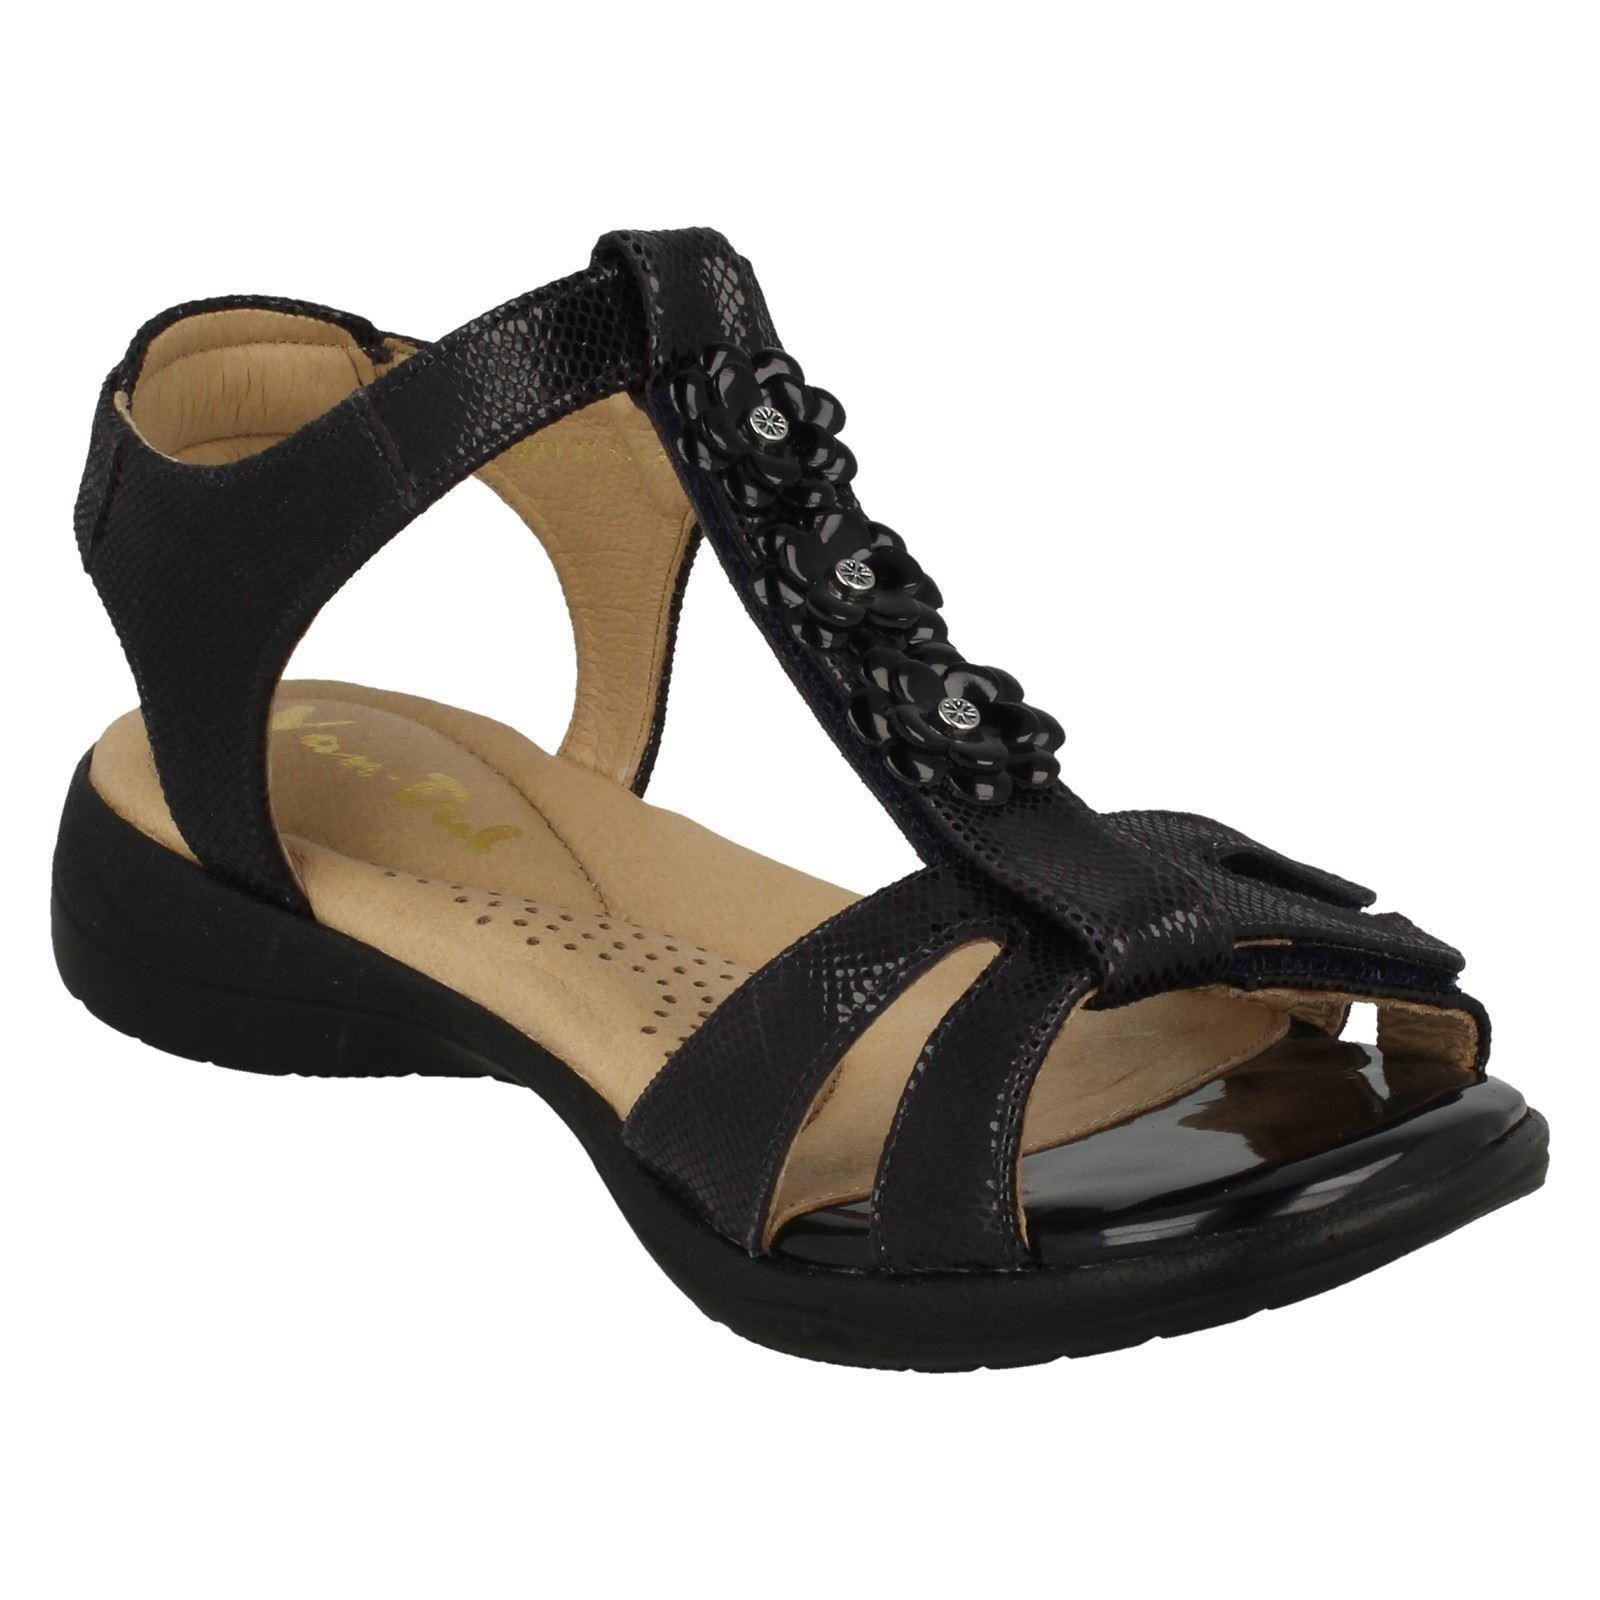 Ladies Van Dal Fiore Fiore Fiore Dettaglio Sandali Cinturino Morbido   A Basso Costo  c4bfb4